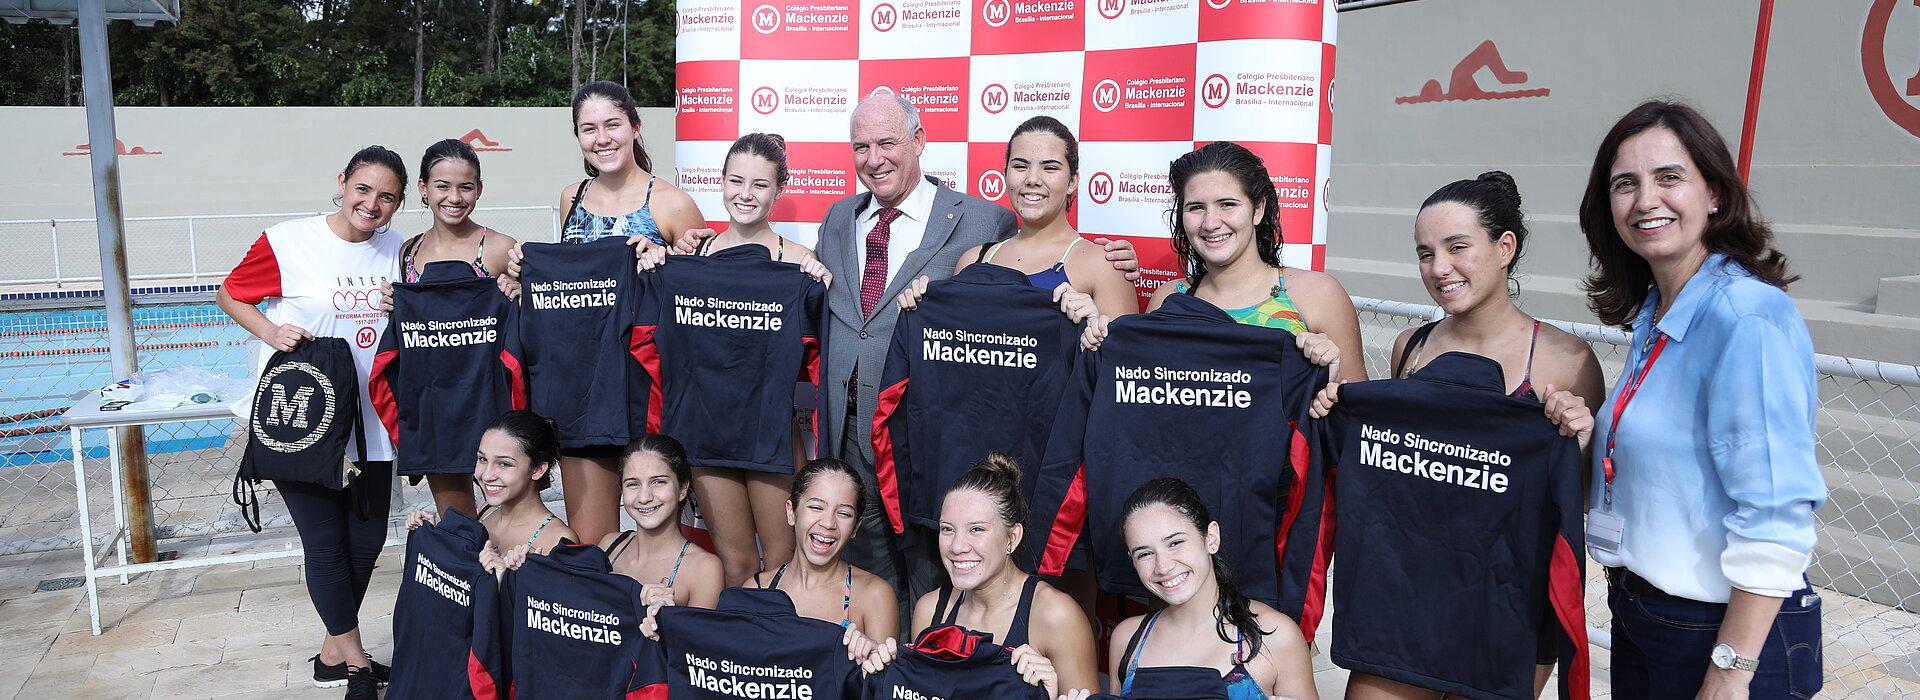 Atletas do nado sincronizado de Brasília enfileiradas em frente à piscina segurando seus agasalhos esportivos pretos do Mackenzie.